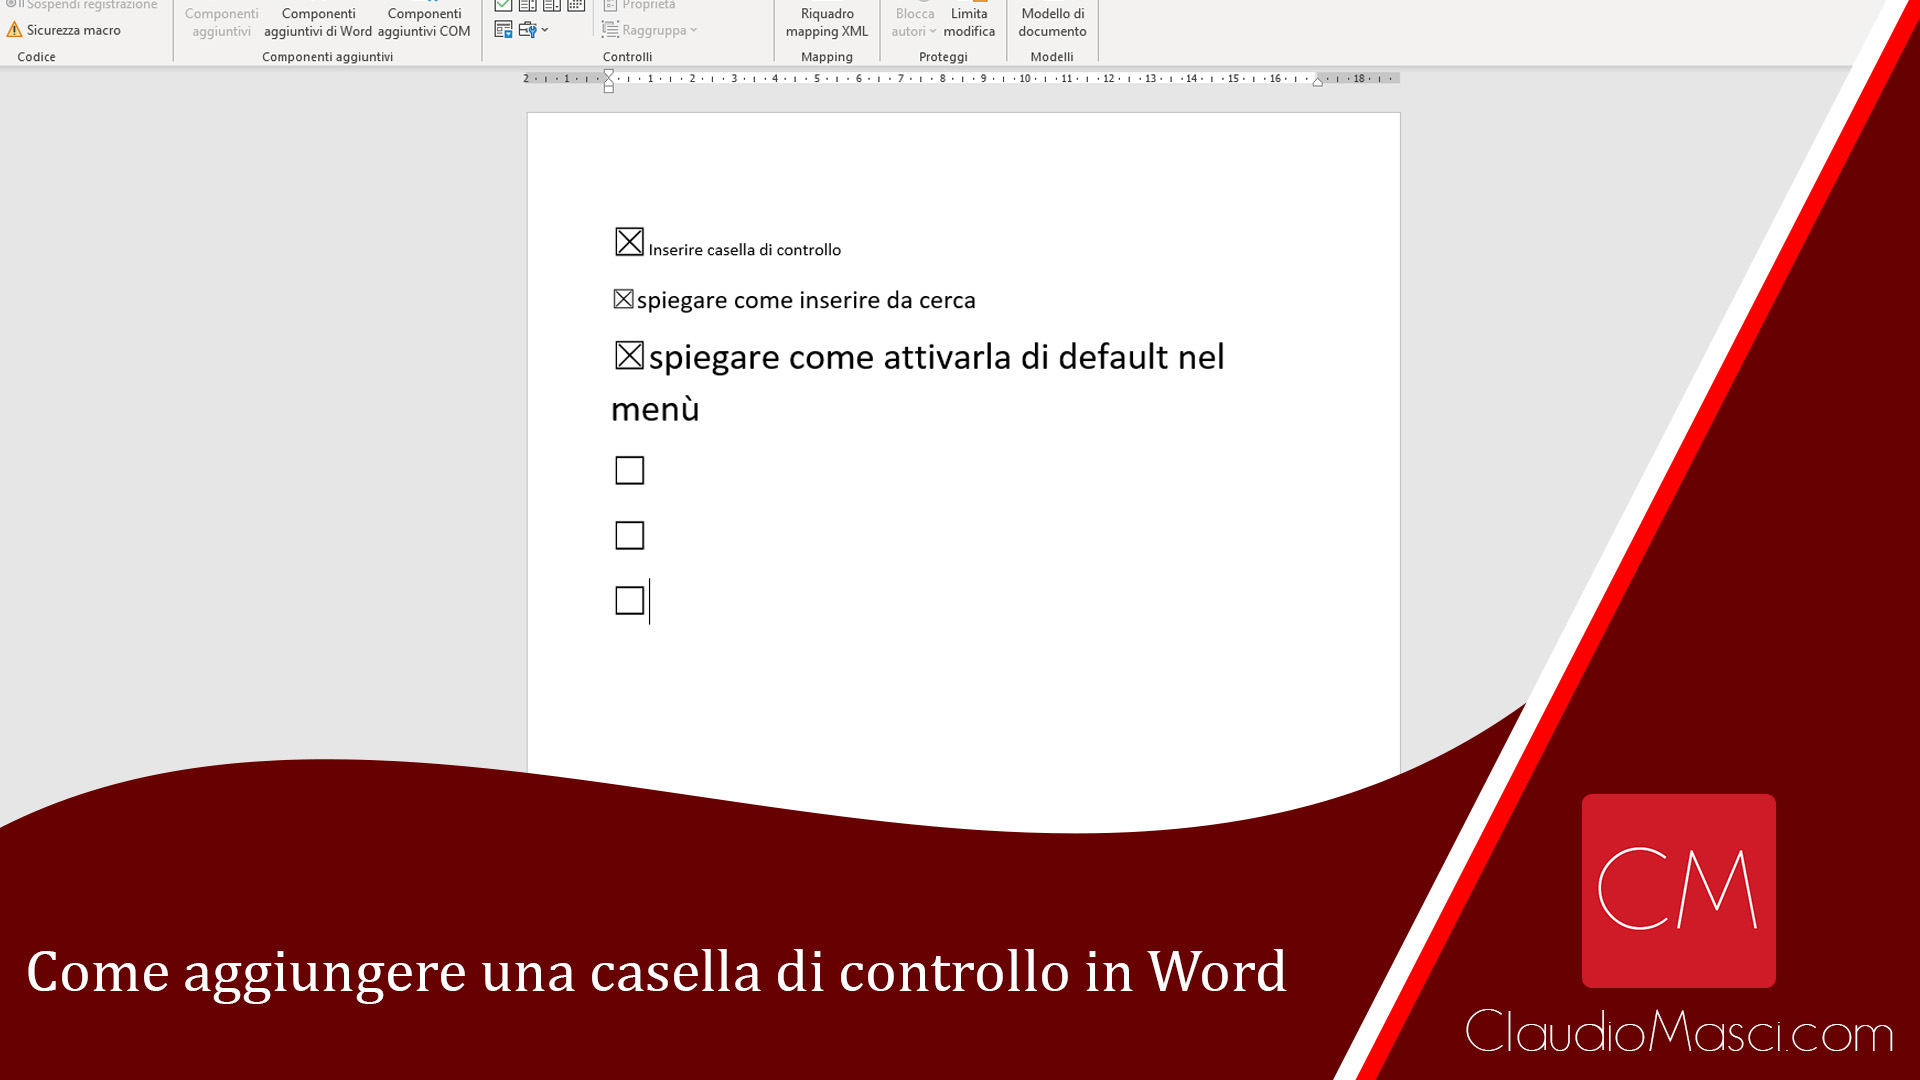 Come aggiungere una casella di controllo in Word